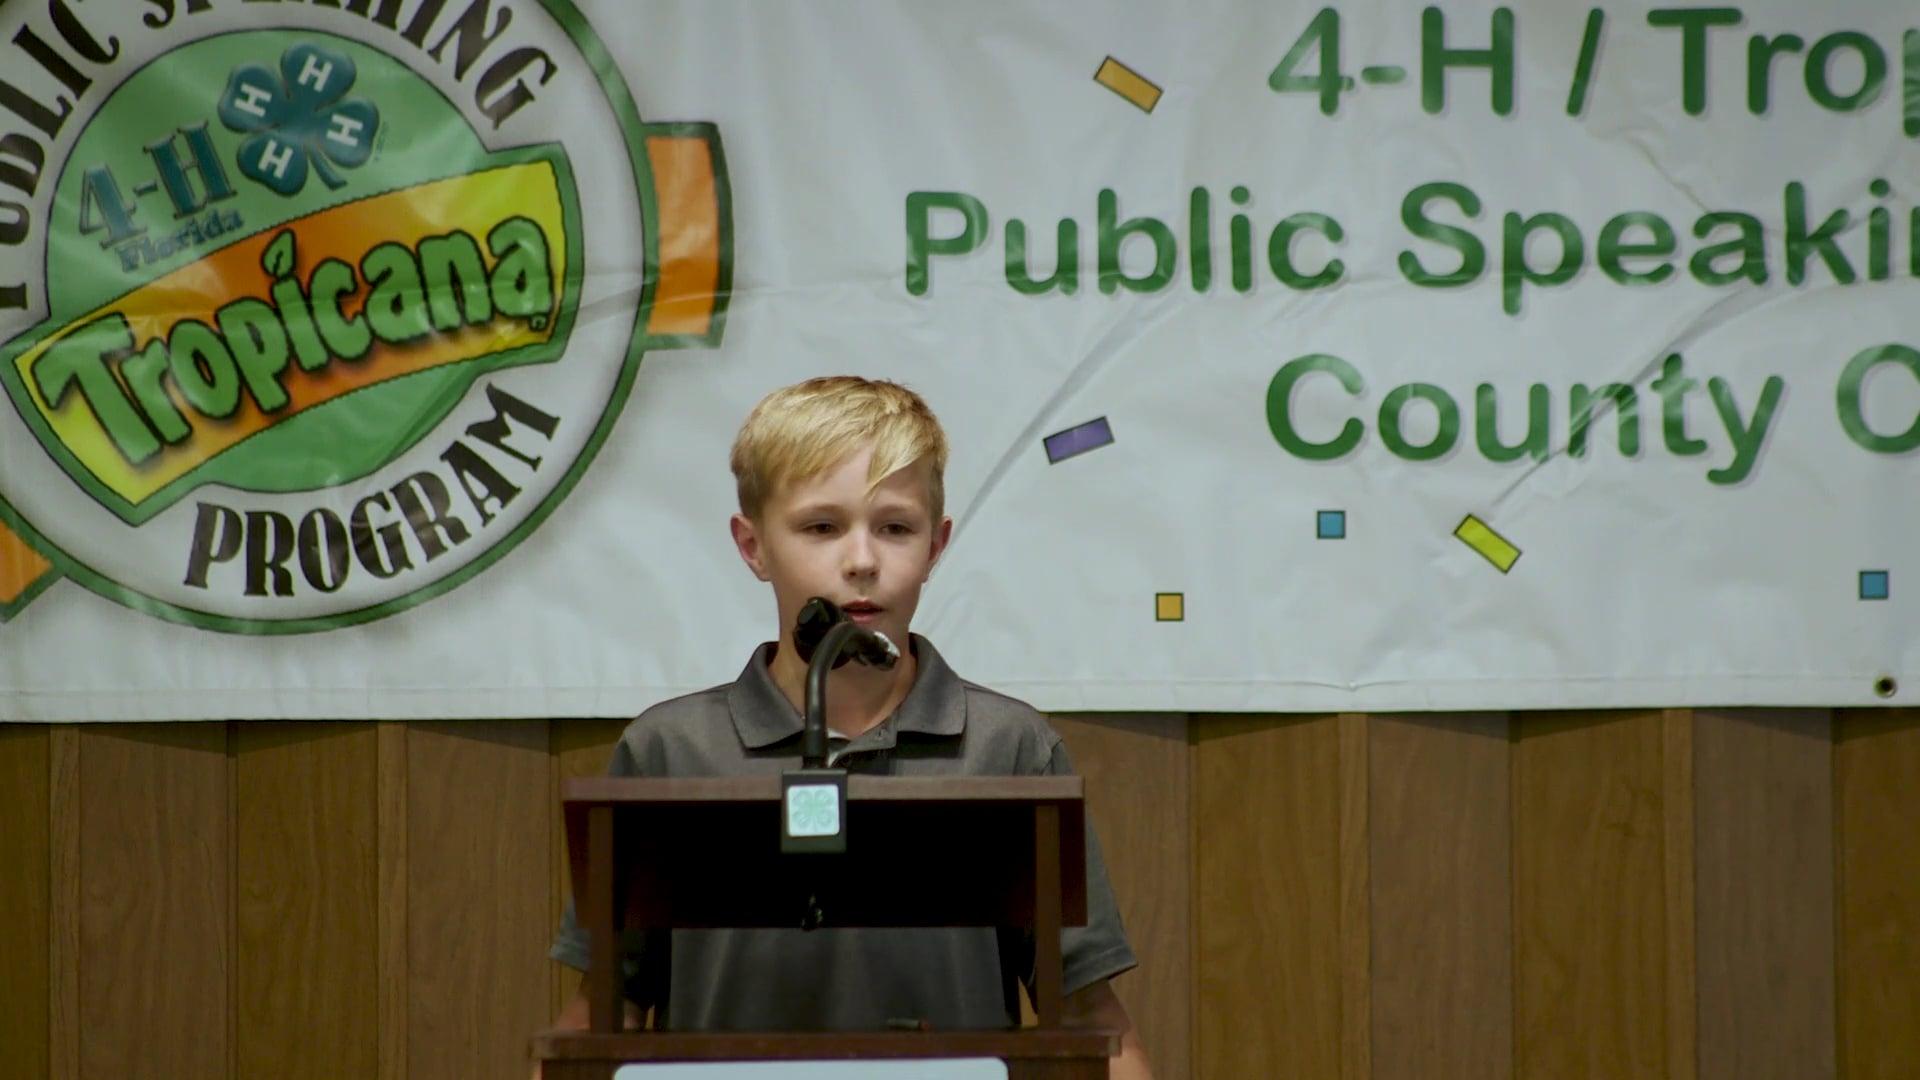 4-H Tropicana Speech Contest 2019